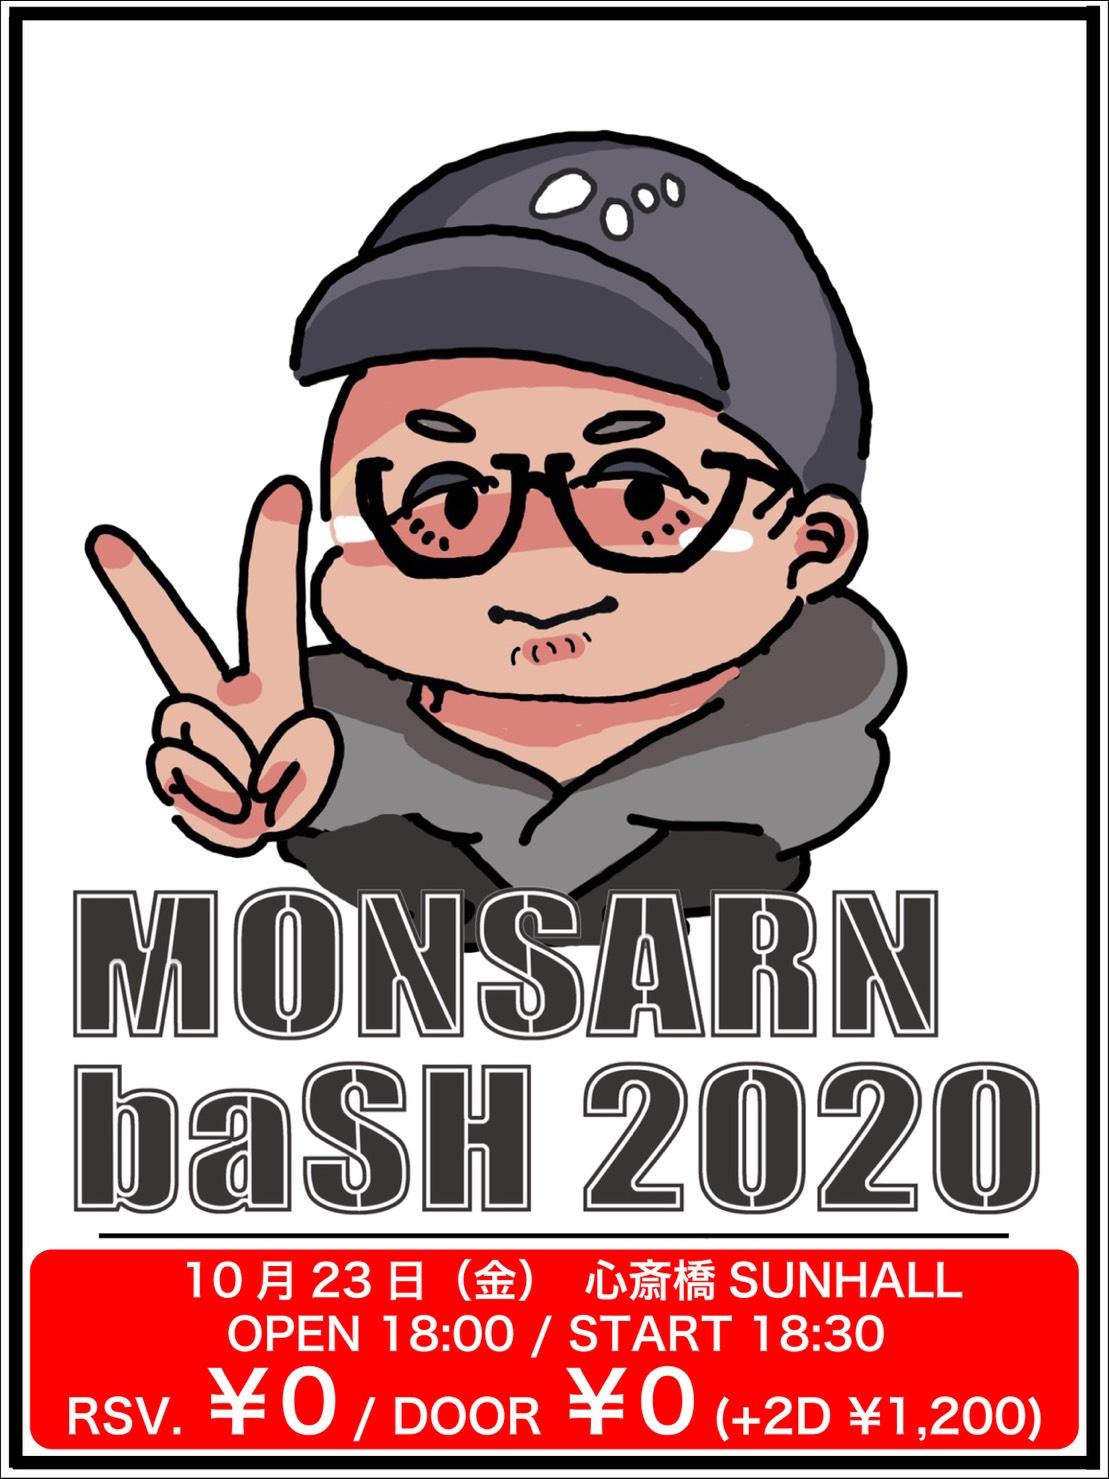 おたばいと-wota byte- Presents 【MONSARN baSH 2020】